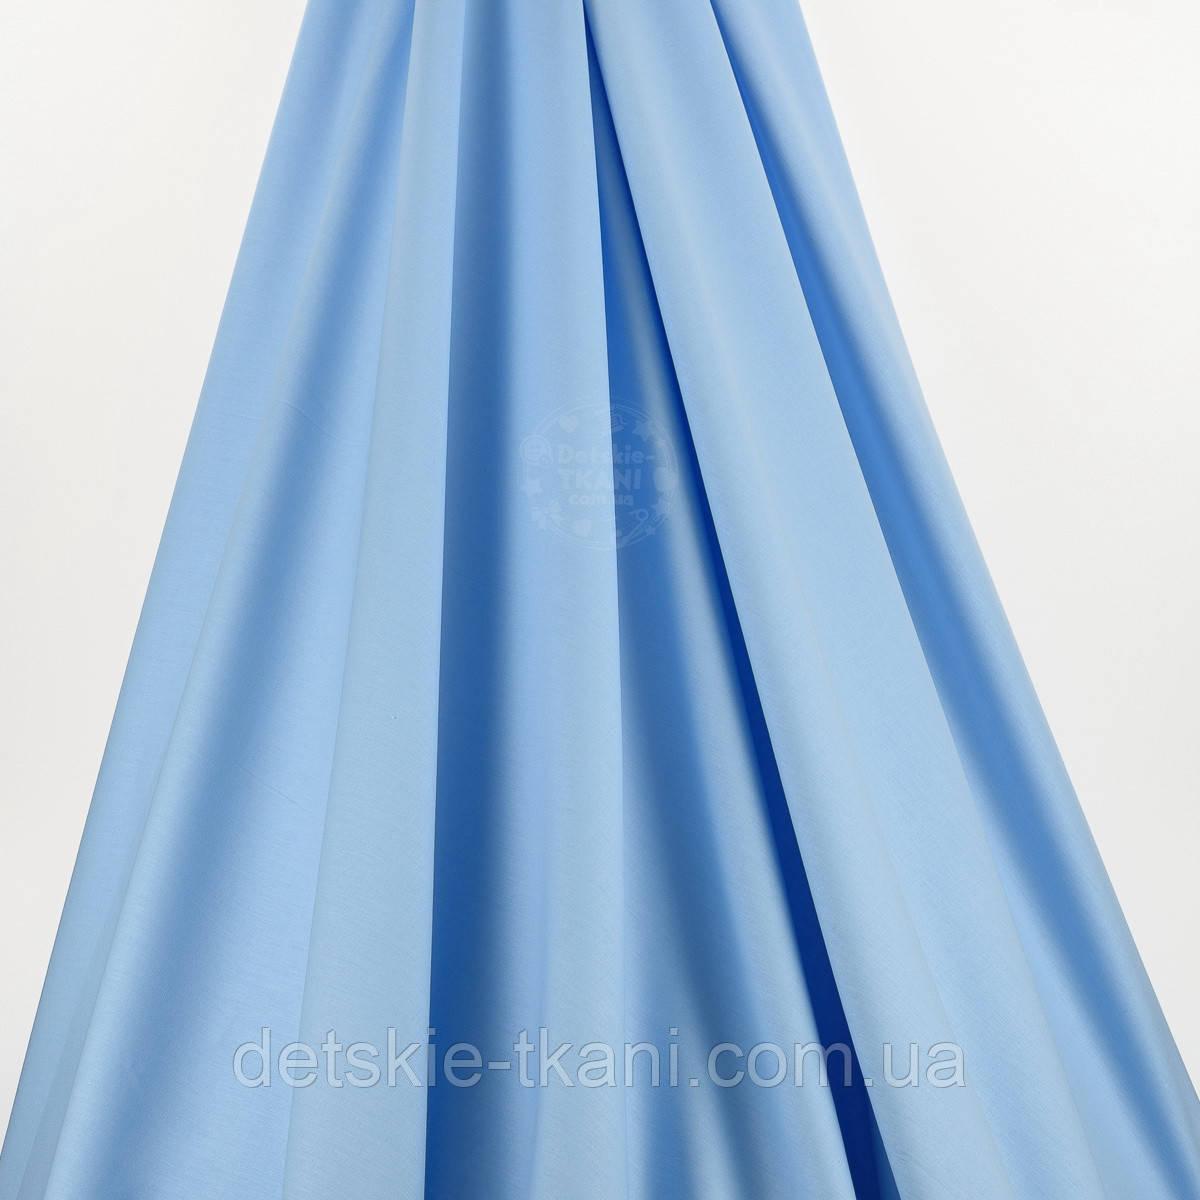 Лоскут поплина  цвет светло-голубой №31-1368. размер 27*120 см